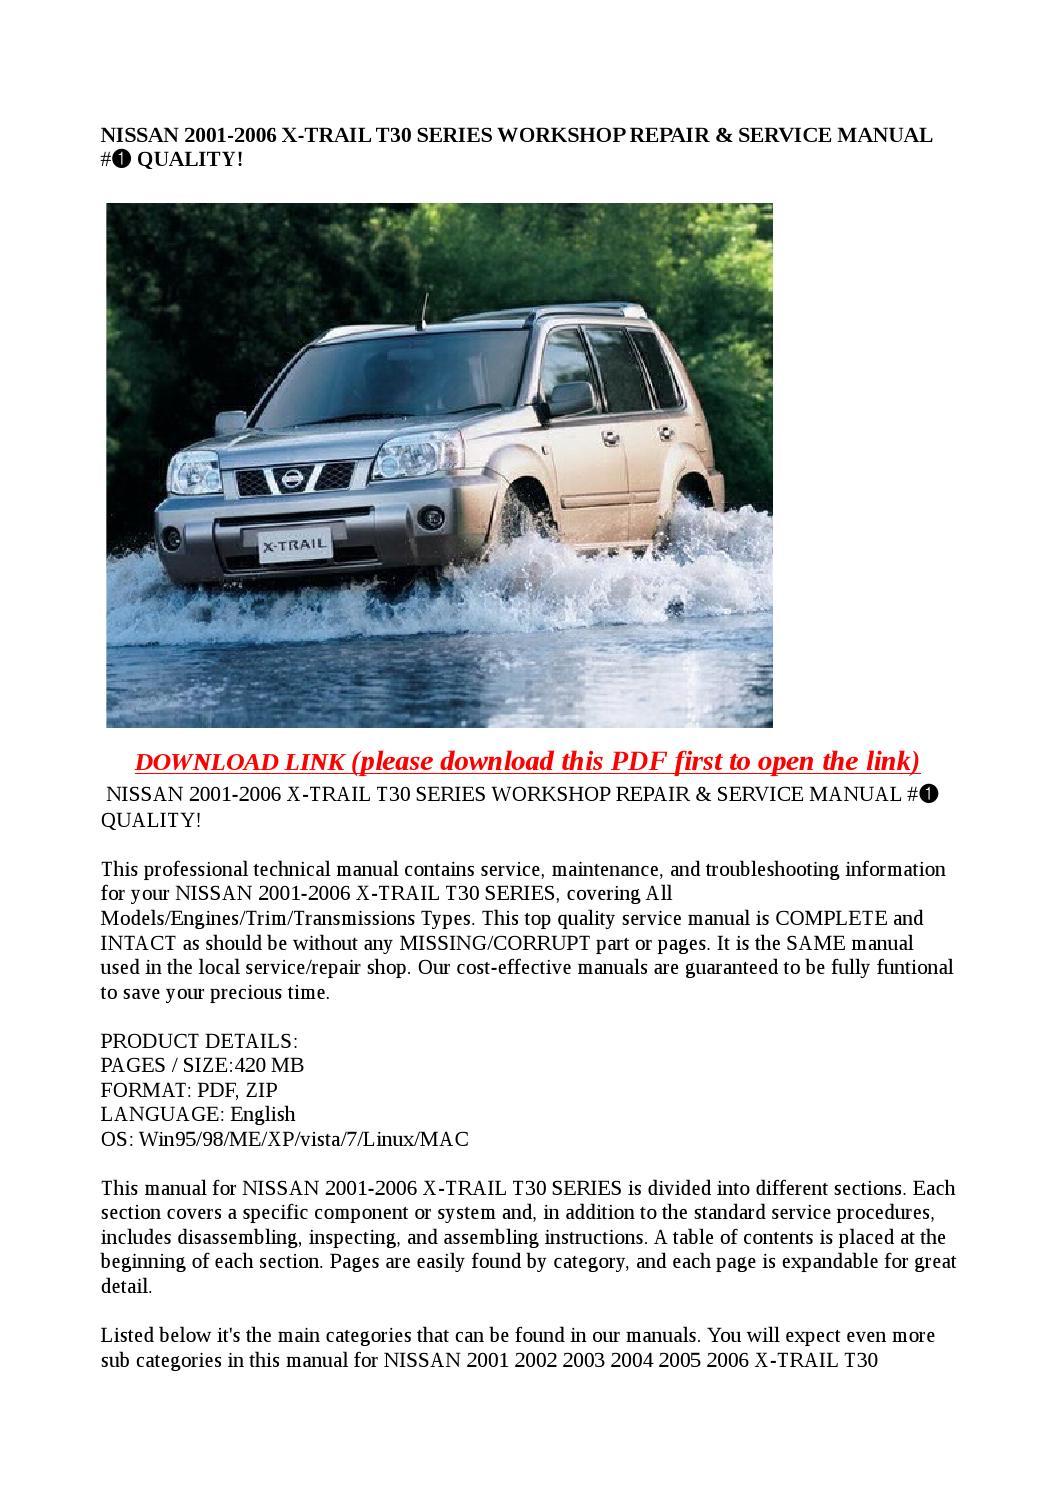 nissan x trail t30 service manual